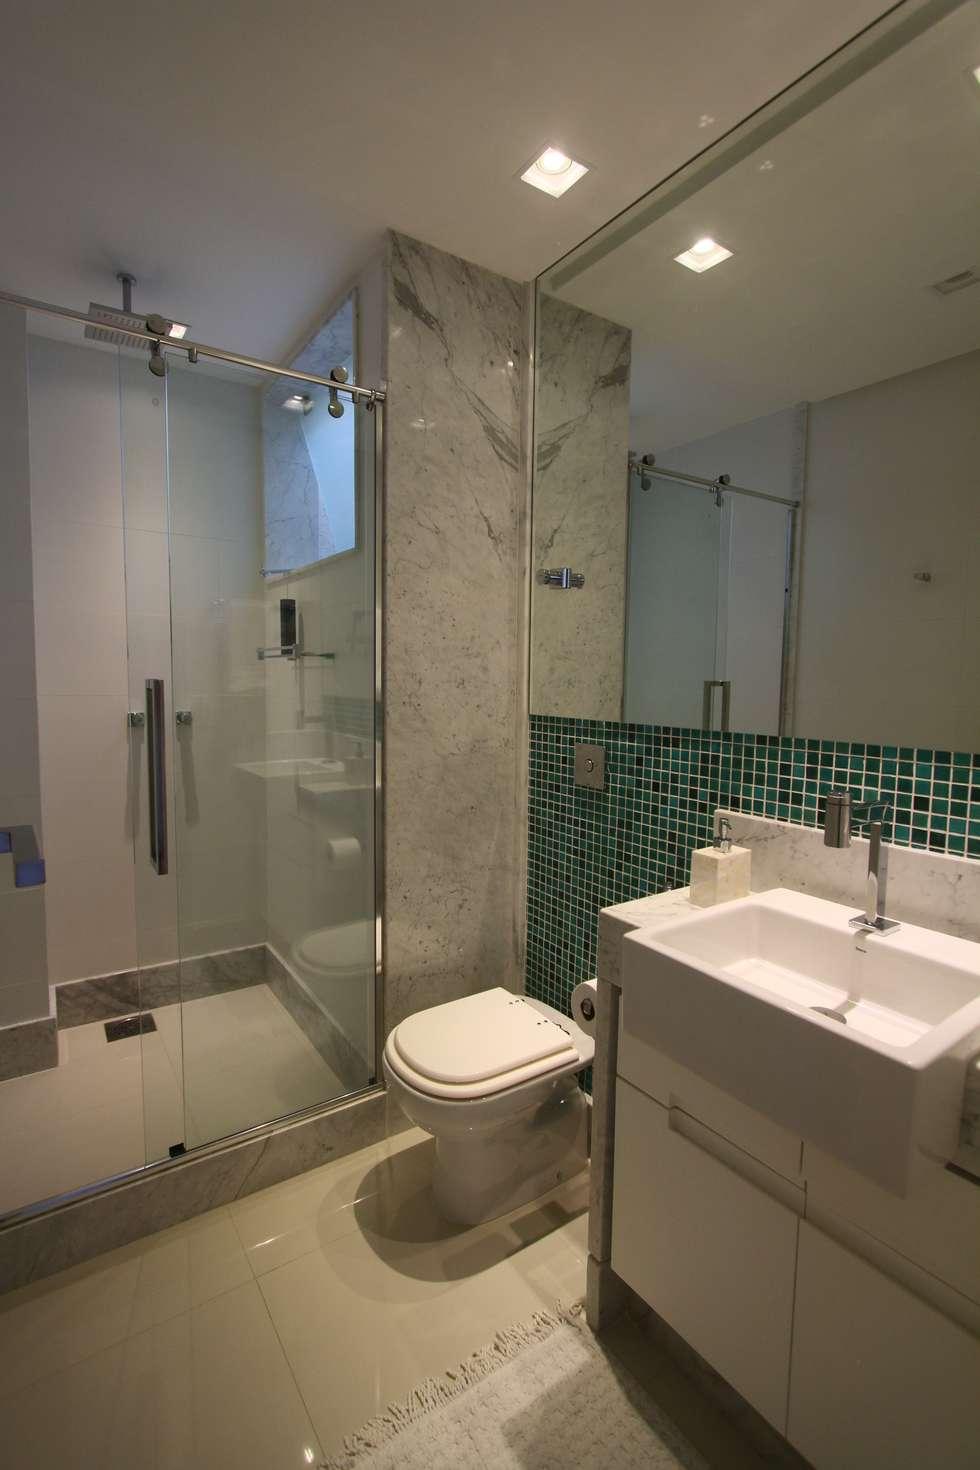 Fotos de banheiros modernos uma cobertura estilo moderno e minimalista  homify -> Meu Banheiro Moderno